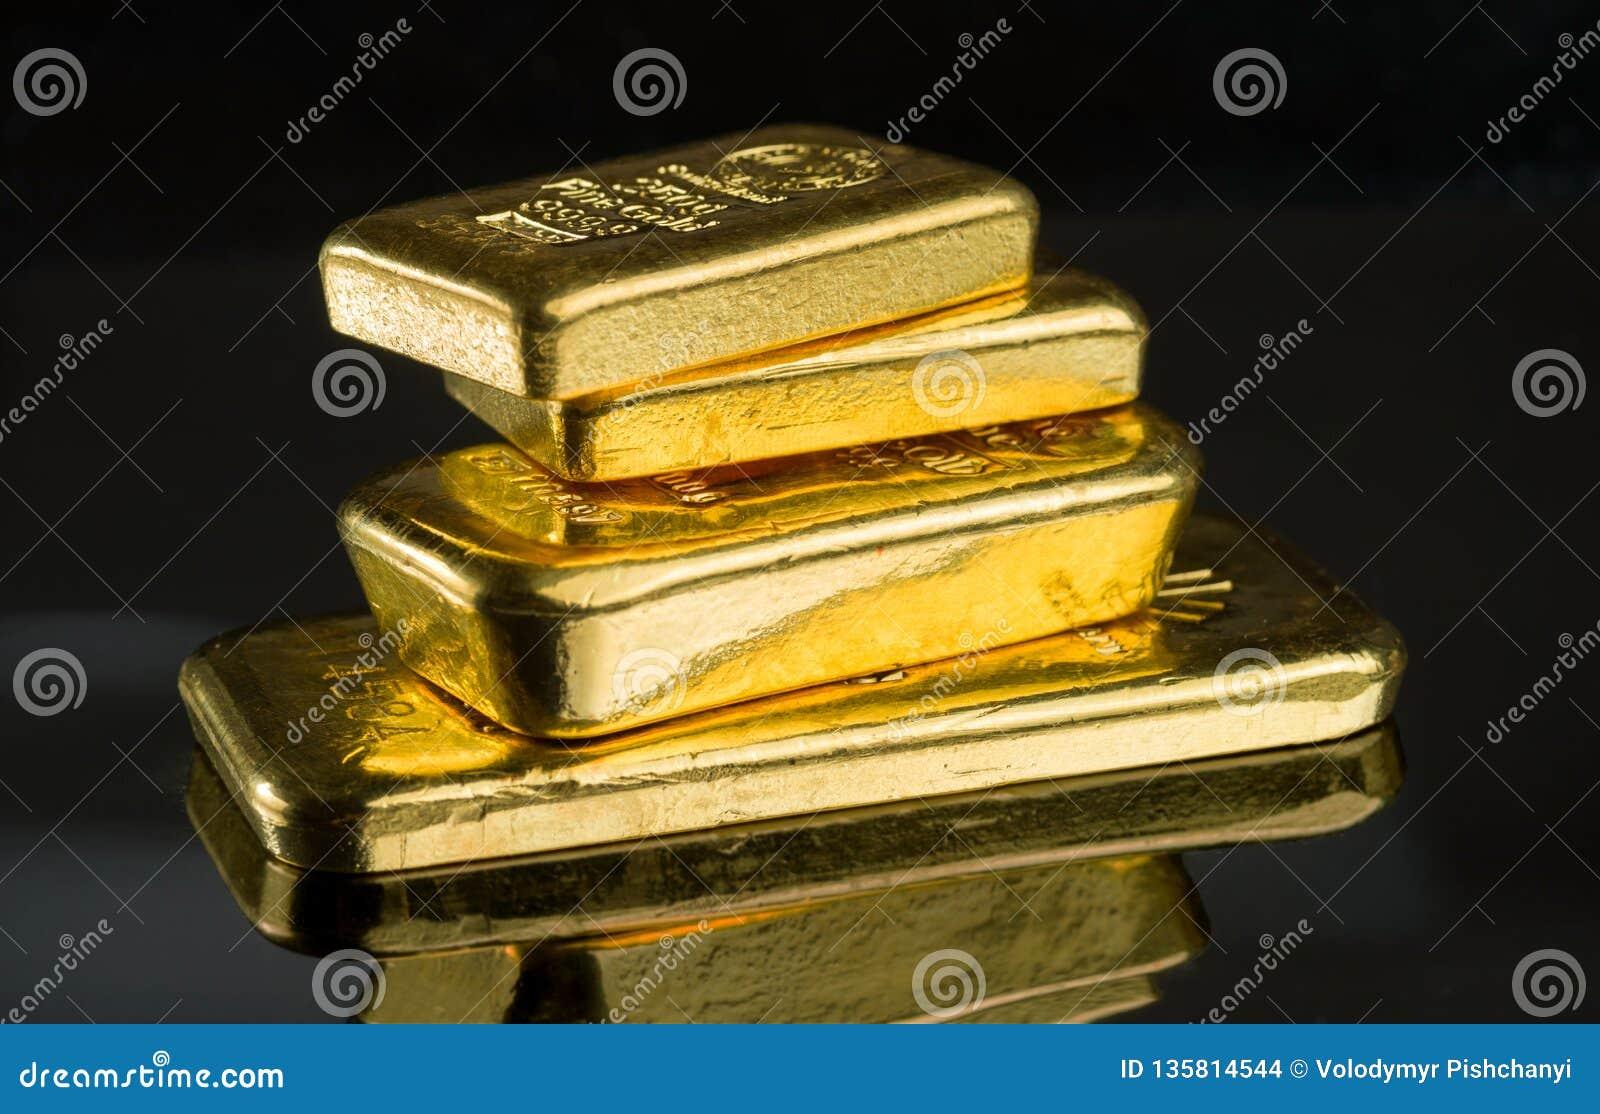 Diversas barras de ouro do peso diferente em uma superfície escura do espelho